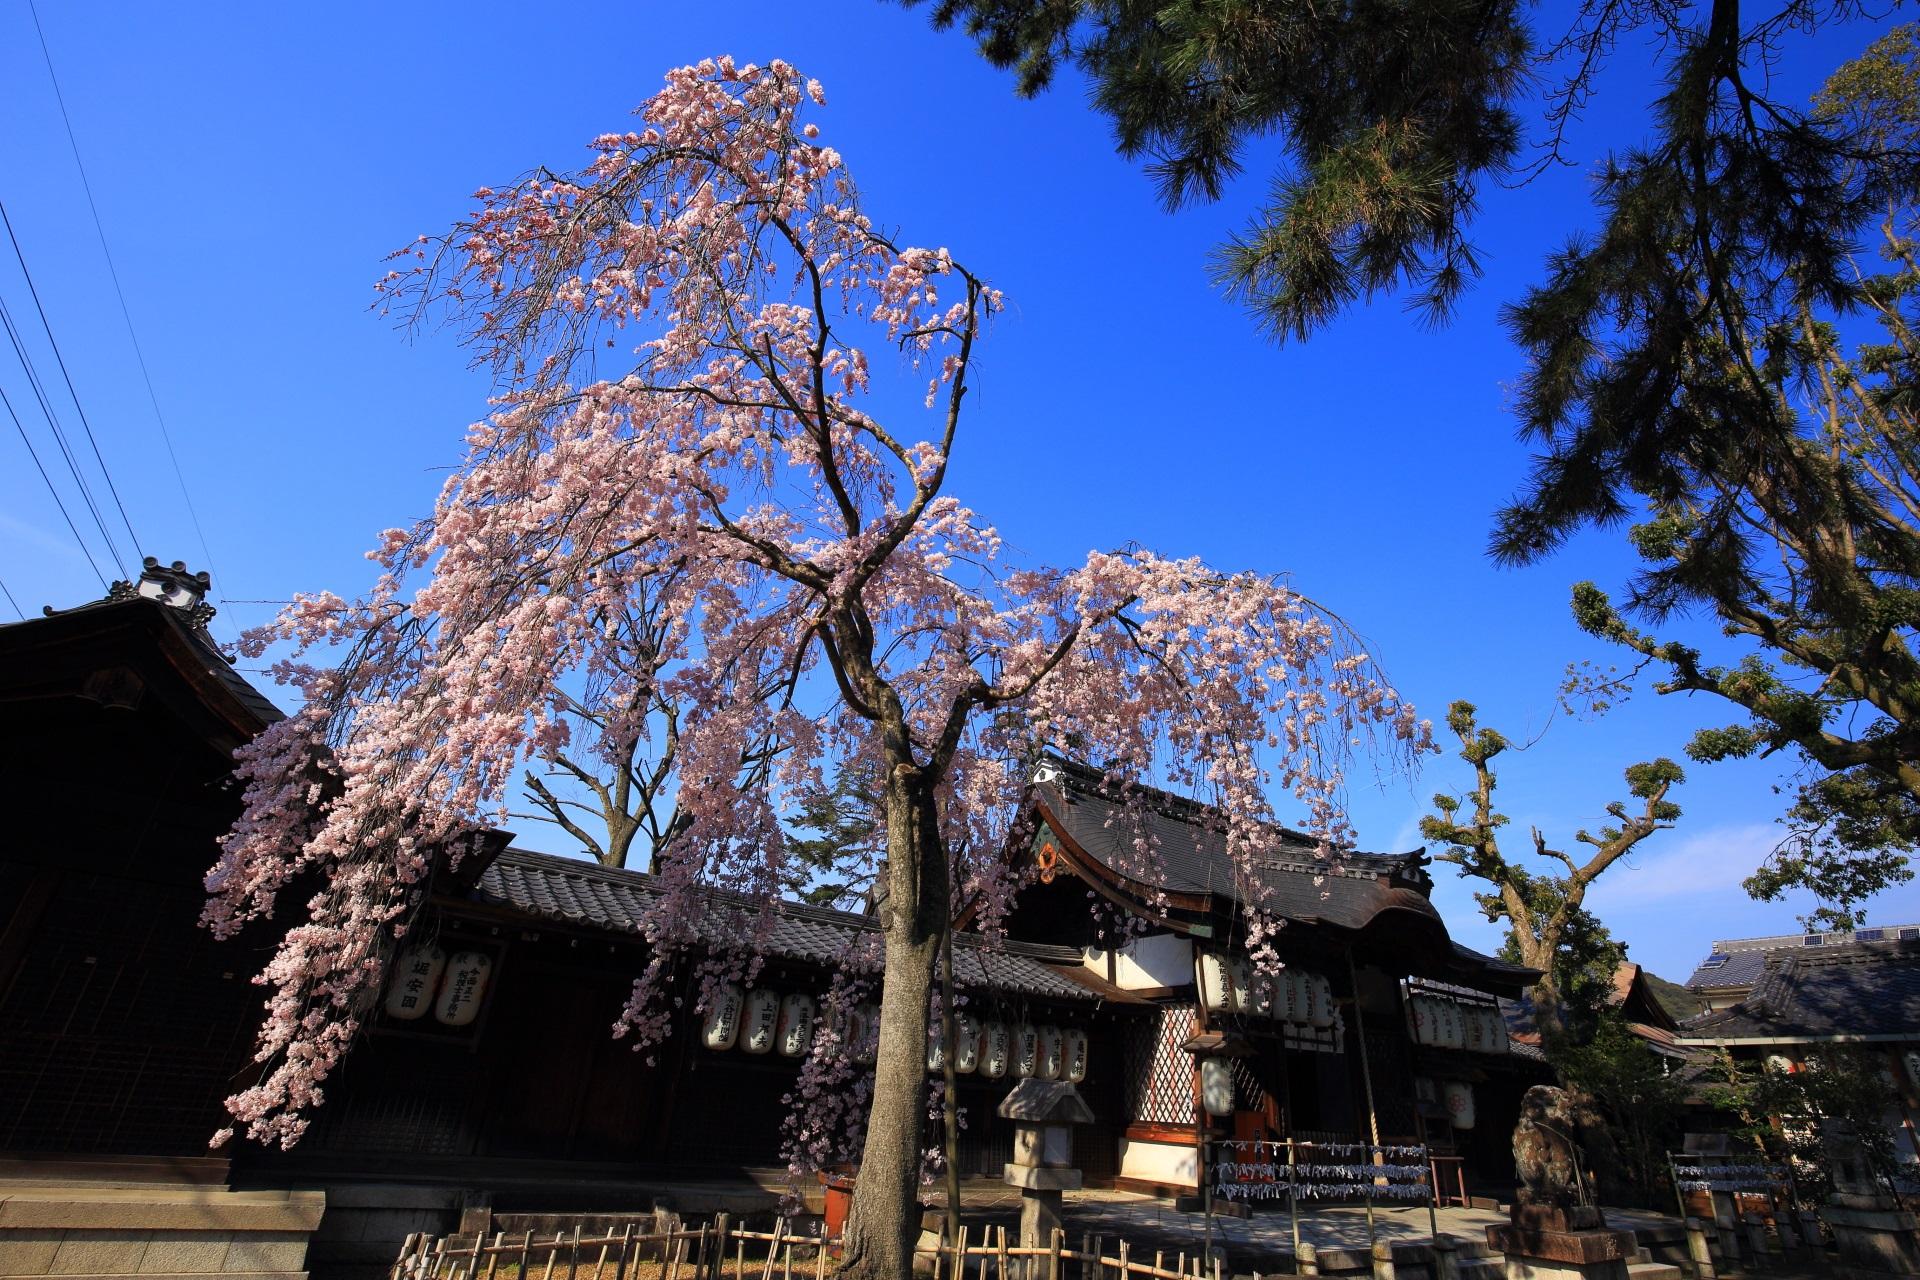 縣神社の素晴らしい木の花桜と青空と春の情景